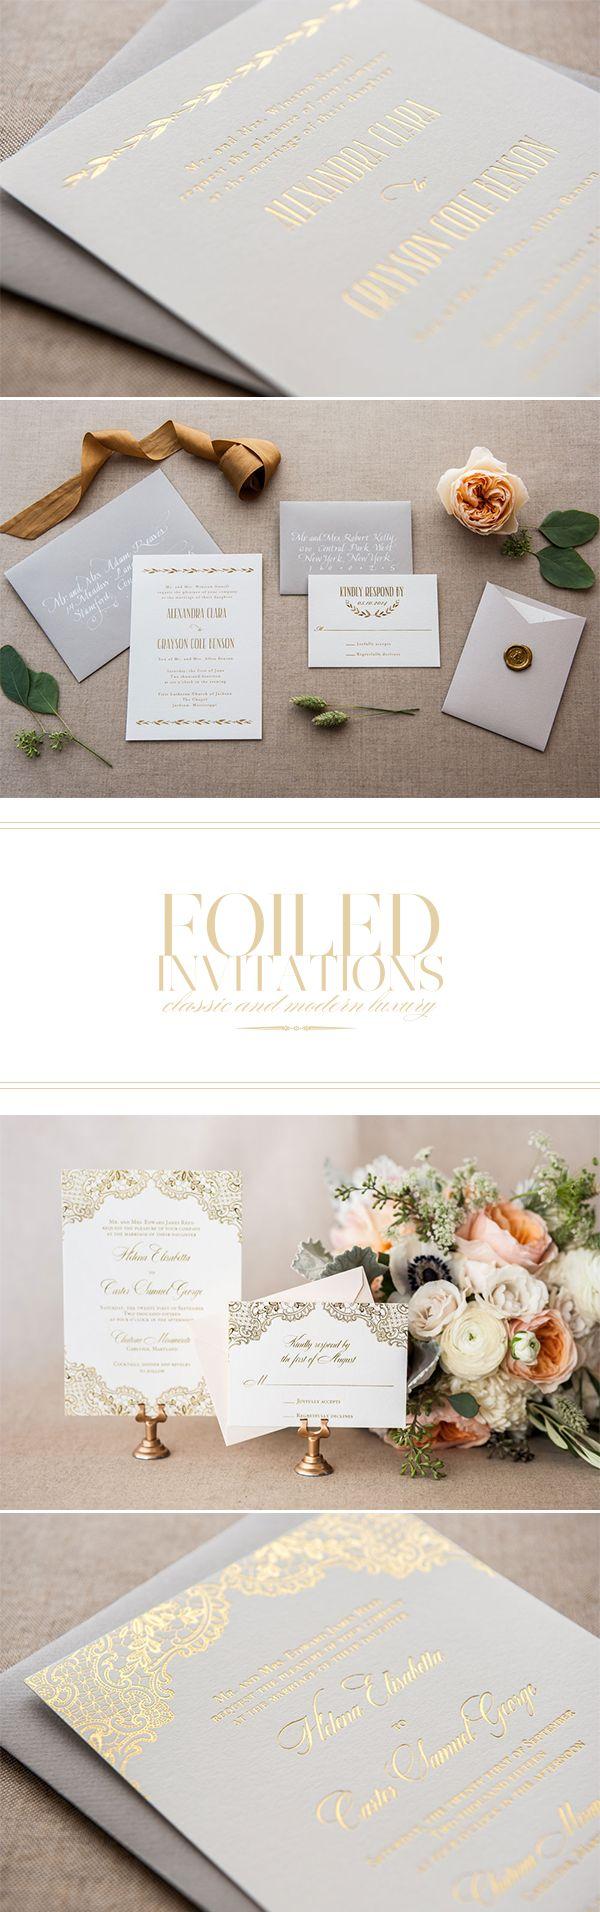 Conjunto de invitaciones de boda en blanco y dorado